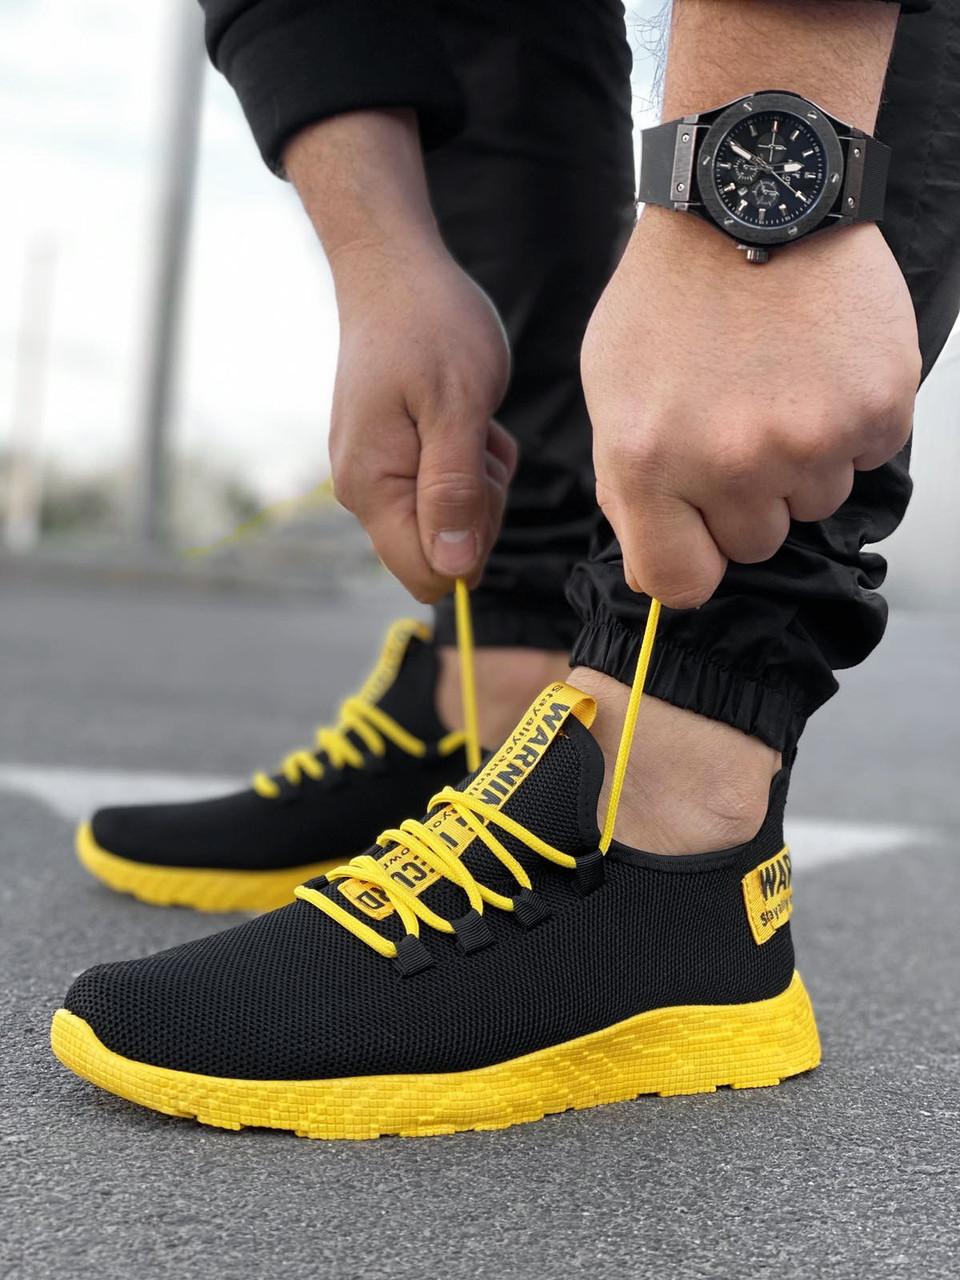 Мужские черные кроссовки на желтой подошве Размеры 45